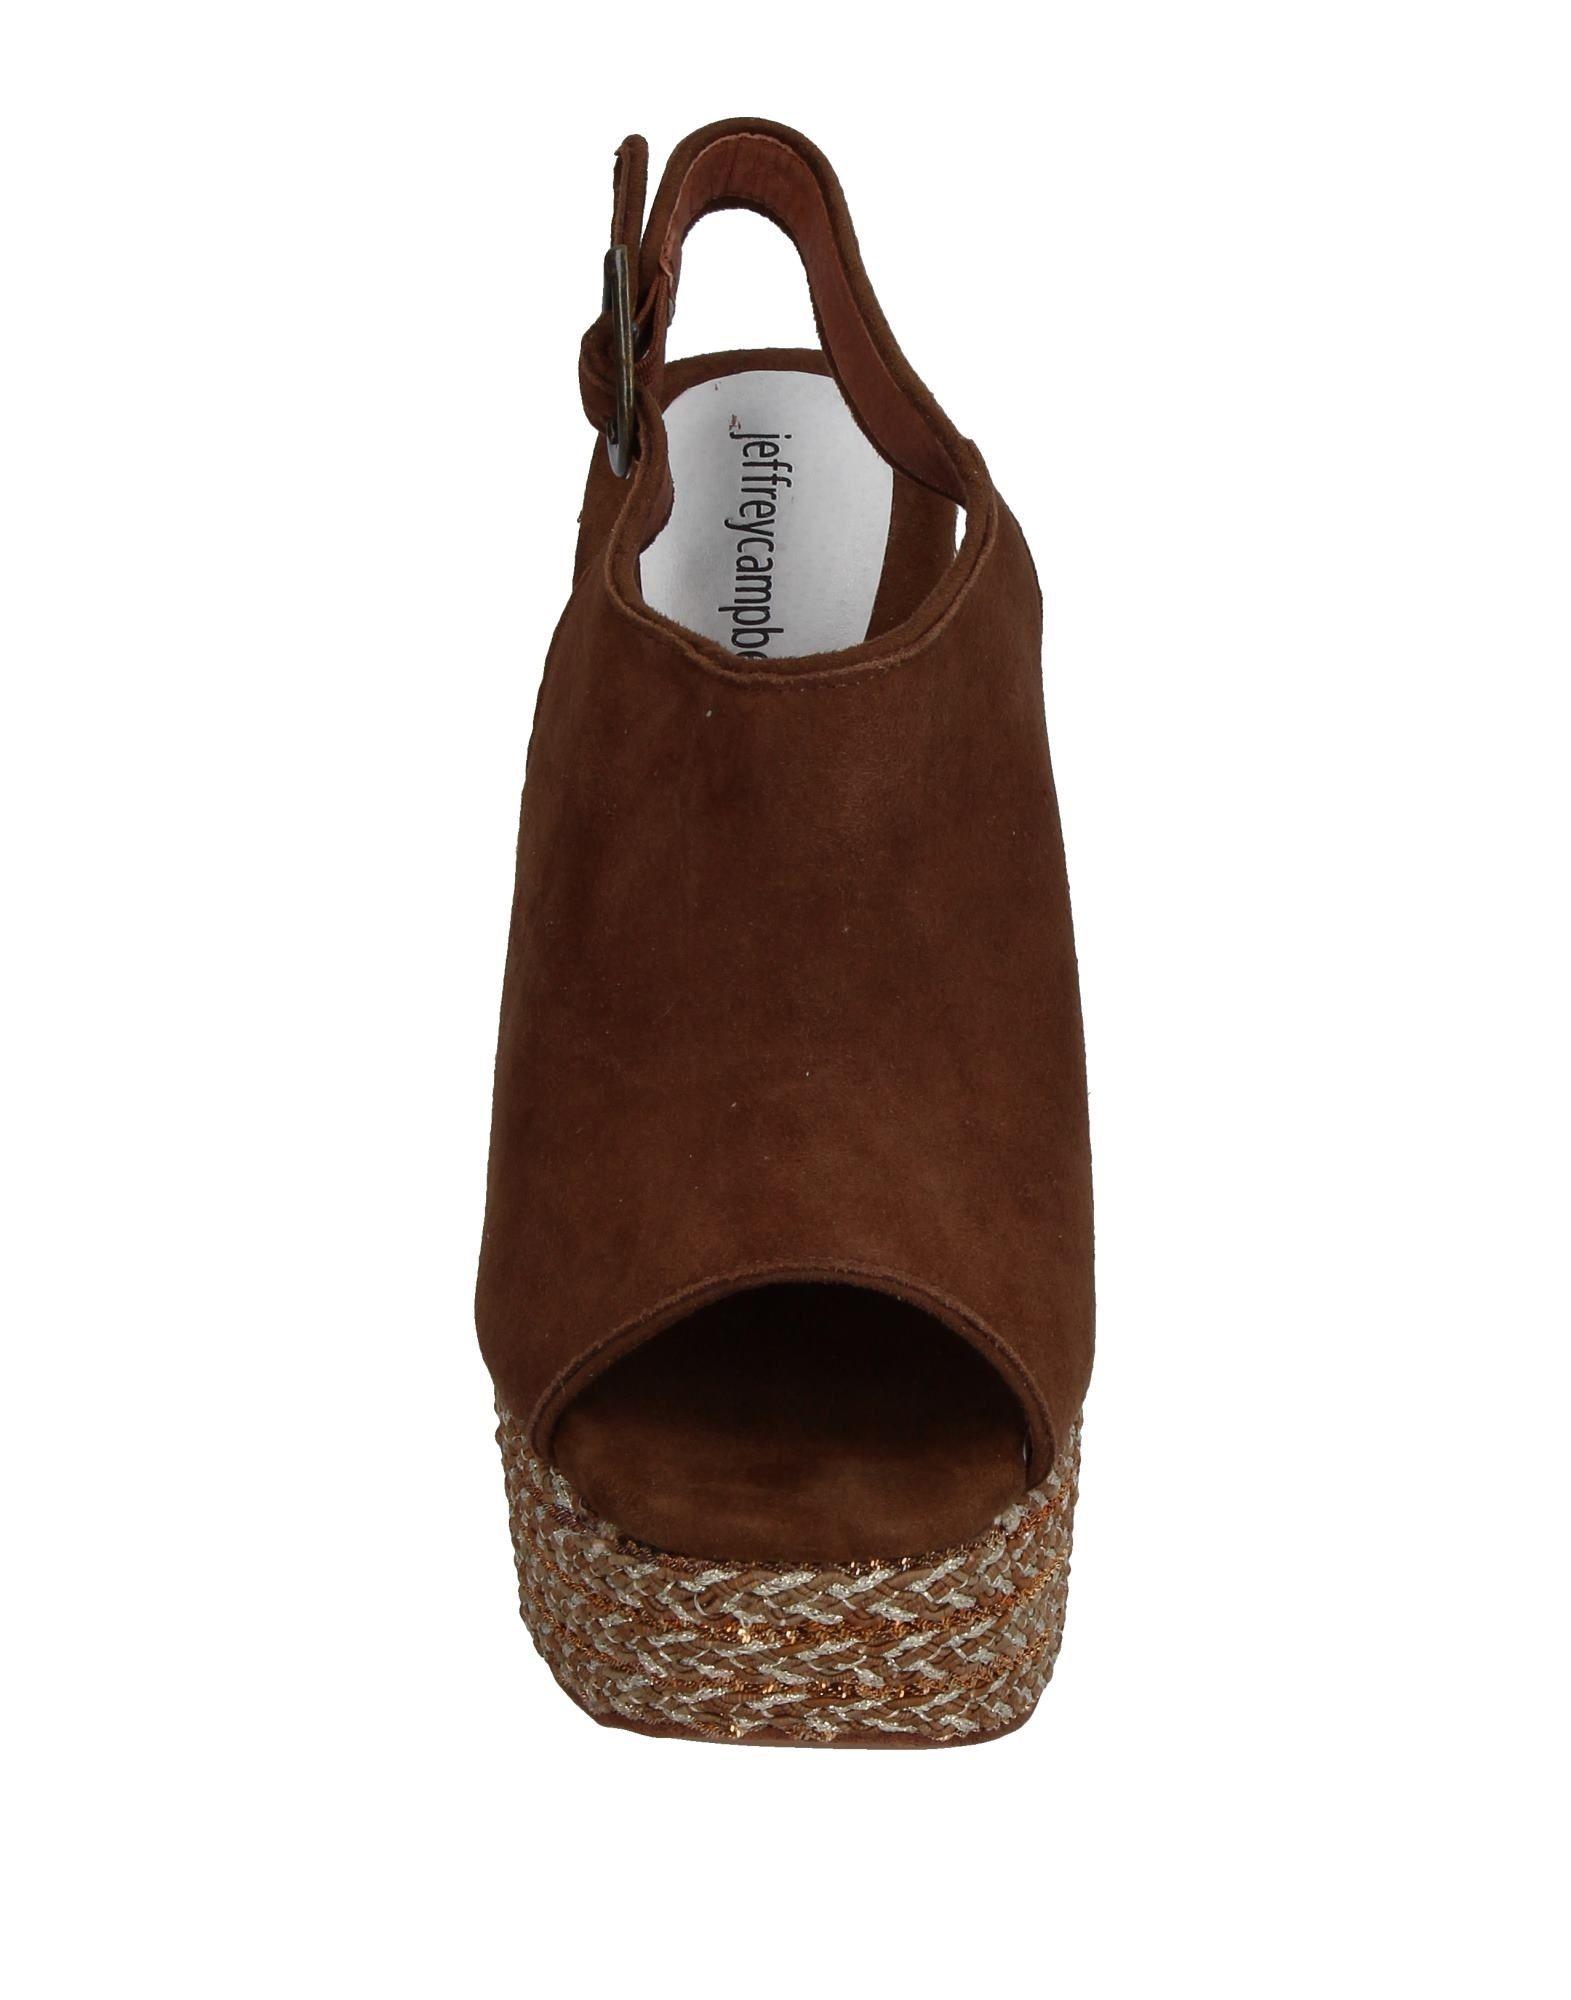 Jeffrey Campbell Sandalen Damen  11339951BI Gute Qualität beliebte Schuhe